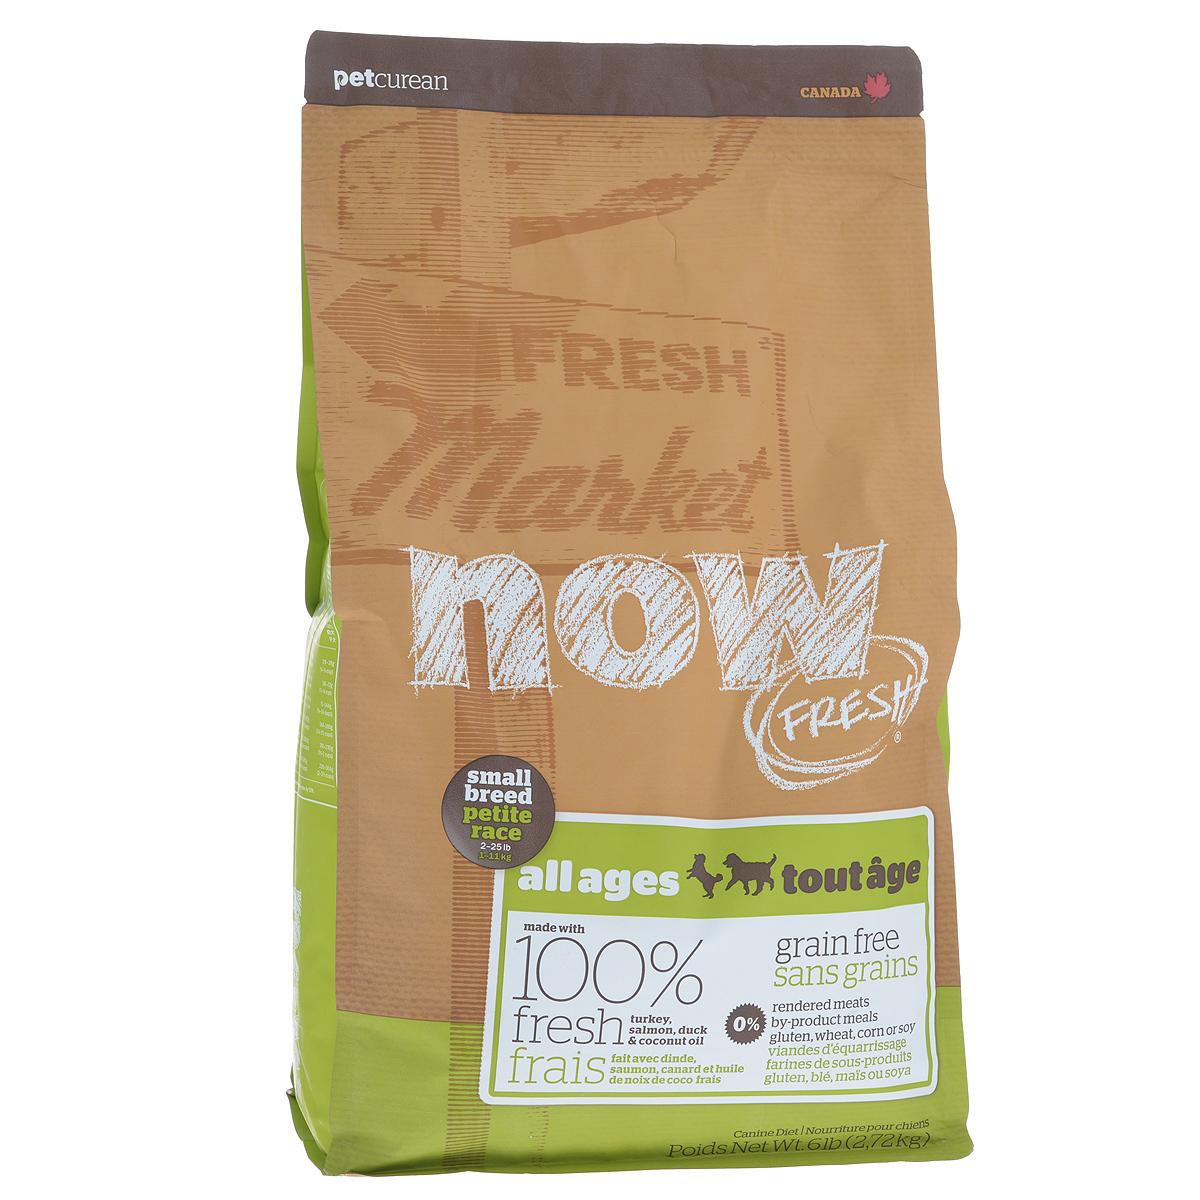 Корм сухой Now Fresh для малых пород собак всех возрастов, беззерновой, с индейкой, уткой и овощами, 2,72 кг70300520Now Fresh - полностью сбалансированный холистик корм из свежего филе индейки и утки, выращенных на канадских фермах. Рекомендован для малых пород всех возрастов: для щенков, для взрослых и для активных собак, и для пожилых собак. Это первый беззерновой корм со сбалансированным содержание белков и жиров.Ключевые преимущества:- не содержит субпродуктов, красителей, говядины, мясных ингредиентов, выращенных на гормонах,- гранулы благодаря своей форме бережно очищают зубы, люцерна в составе корма освежает дыхание,- пробиотики и пребиотики обеспечивают здоровое пищеварение,- маленький размер гранул способствует лучшему захвату корма,- докозагексаеновая кислота (DHA) и эйкозапентаеновая кислота (EPA) необходима для нормальной деятельности мозга и здорового зрения,- омега-масла в составе необходимы для здоровой кожи и шерсти,- антиоксиданты укрепляют иммунную систему. Состав: филе индейки, картофель, свежие цельные яйца, горох, льняное семя, яблоки, масло канолы (источник витамина Е), натуральный ароматизатор, утиное филе, филе лосося, кокосовое масло (источник витамина Е), томаты, сушеная люцерна, морковь, тыква, бананы, черника, клюква, малина, ежевика, папайя, ананас, грейпфрут, чечевица, брокколи, шпинат, творог, ростки люцерны, сушеные водоросли, карбонат кальция, дикальций фосфат, лецитин, триполифосфата натрия, хлорид натрия, хлористый калий, витамины (витамин Е, L-аскорбил-2-полифосфатов (источник витамина С), никотиновая кислота, инозит, витамин А, тиамина мононитрат, пантотенатD-кальция, пиридоксина гидрохлорид, рибофлавин, бета-каротин, витамин D3, фолиевая кислота, биотин, витамин В12), минералы (цинка протеинат, сульфат железа, оксид цинка, железа протеинат, сульфат меди, меди протеинат, марганца протеинат, оксид марганца, йодат кальция, селена, дрожжи), таурин, DL-метионин, L-лизин, экстракт водорослей, высушенный корень цикория, Lactobacillus, 